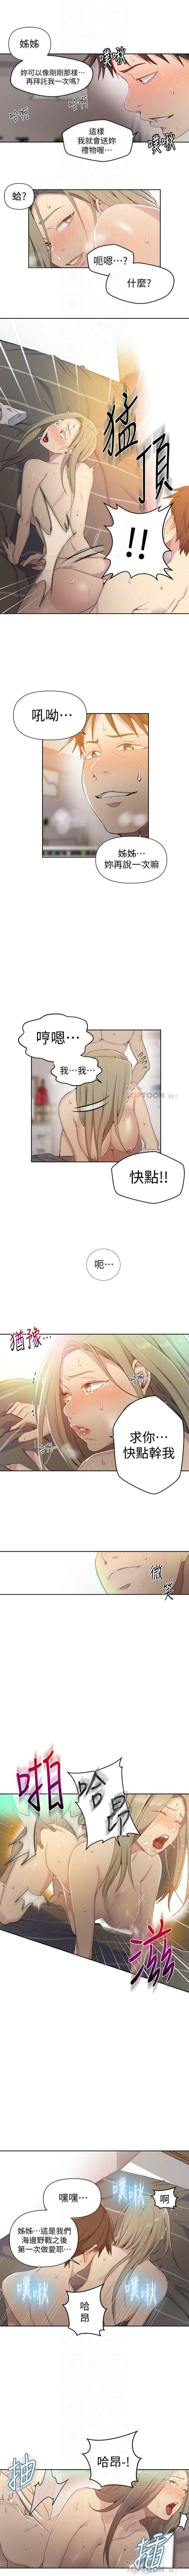 秘密教學  1-63 官方中文(連載中) 414